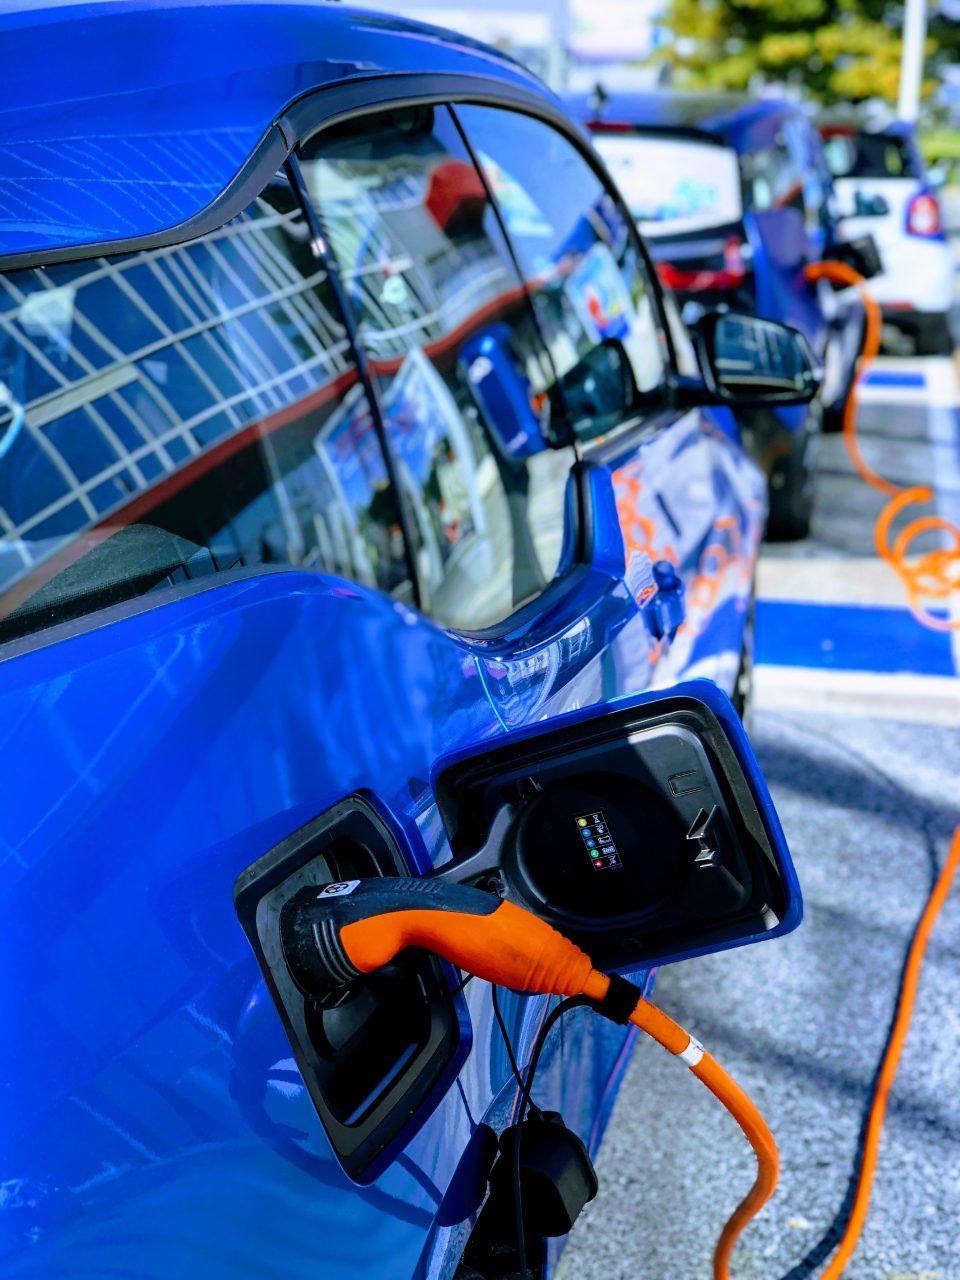 systèmes électriques pour la mobilité